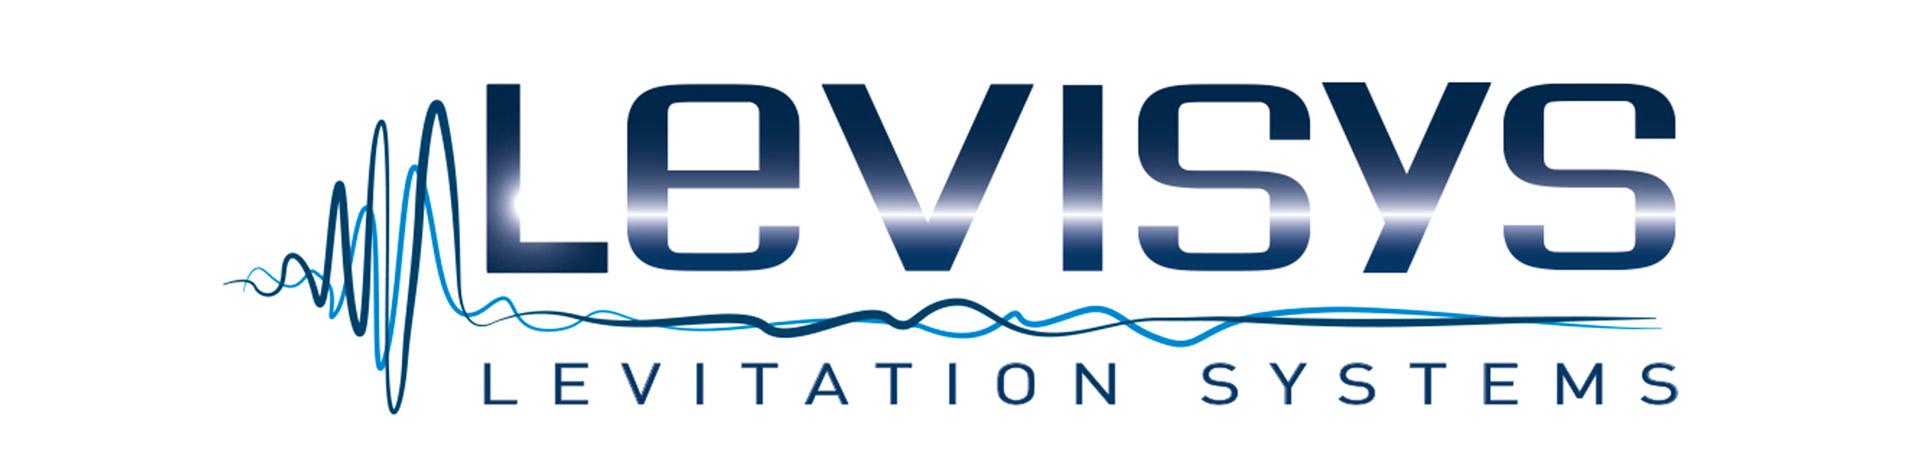 Volants d'inertie pour stocker l'énergie - Levisys